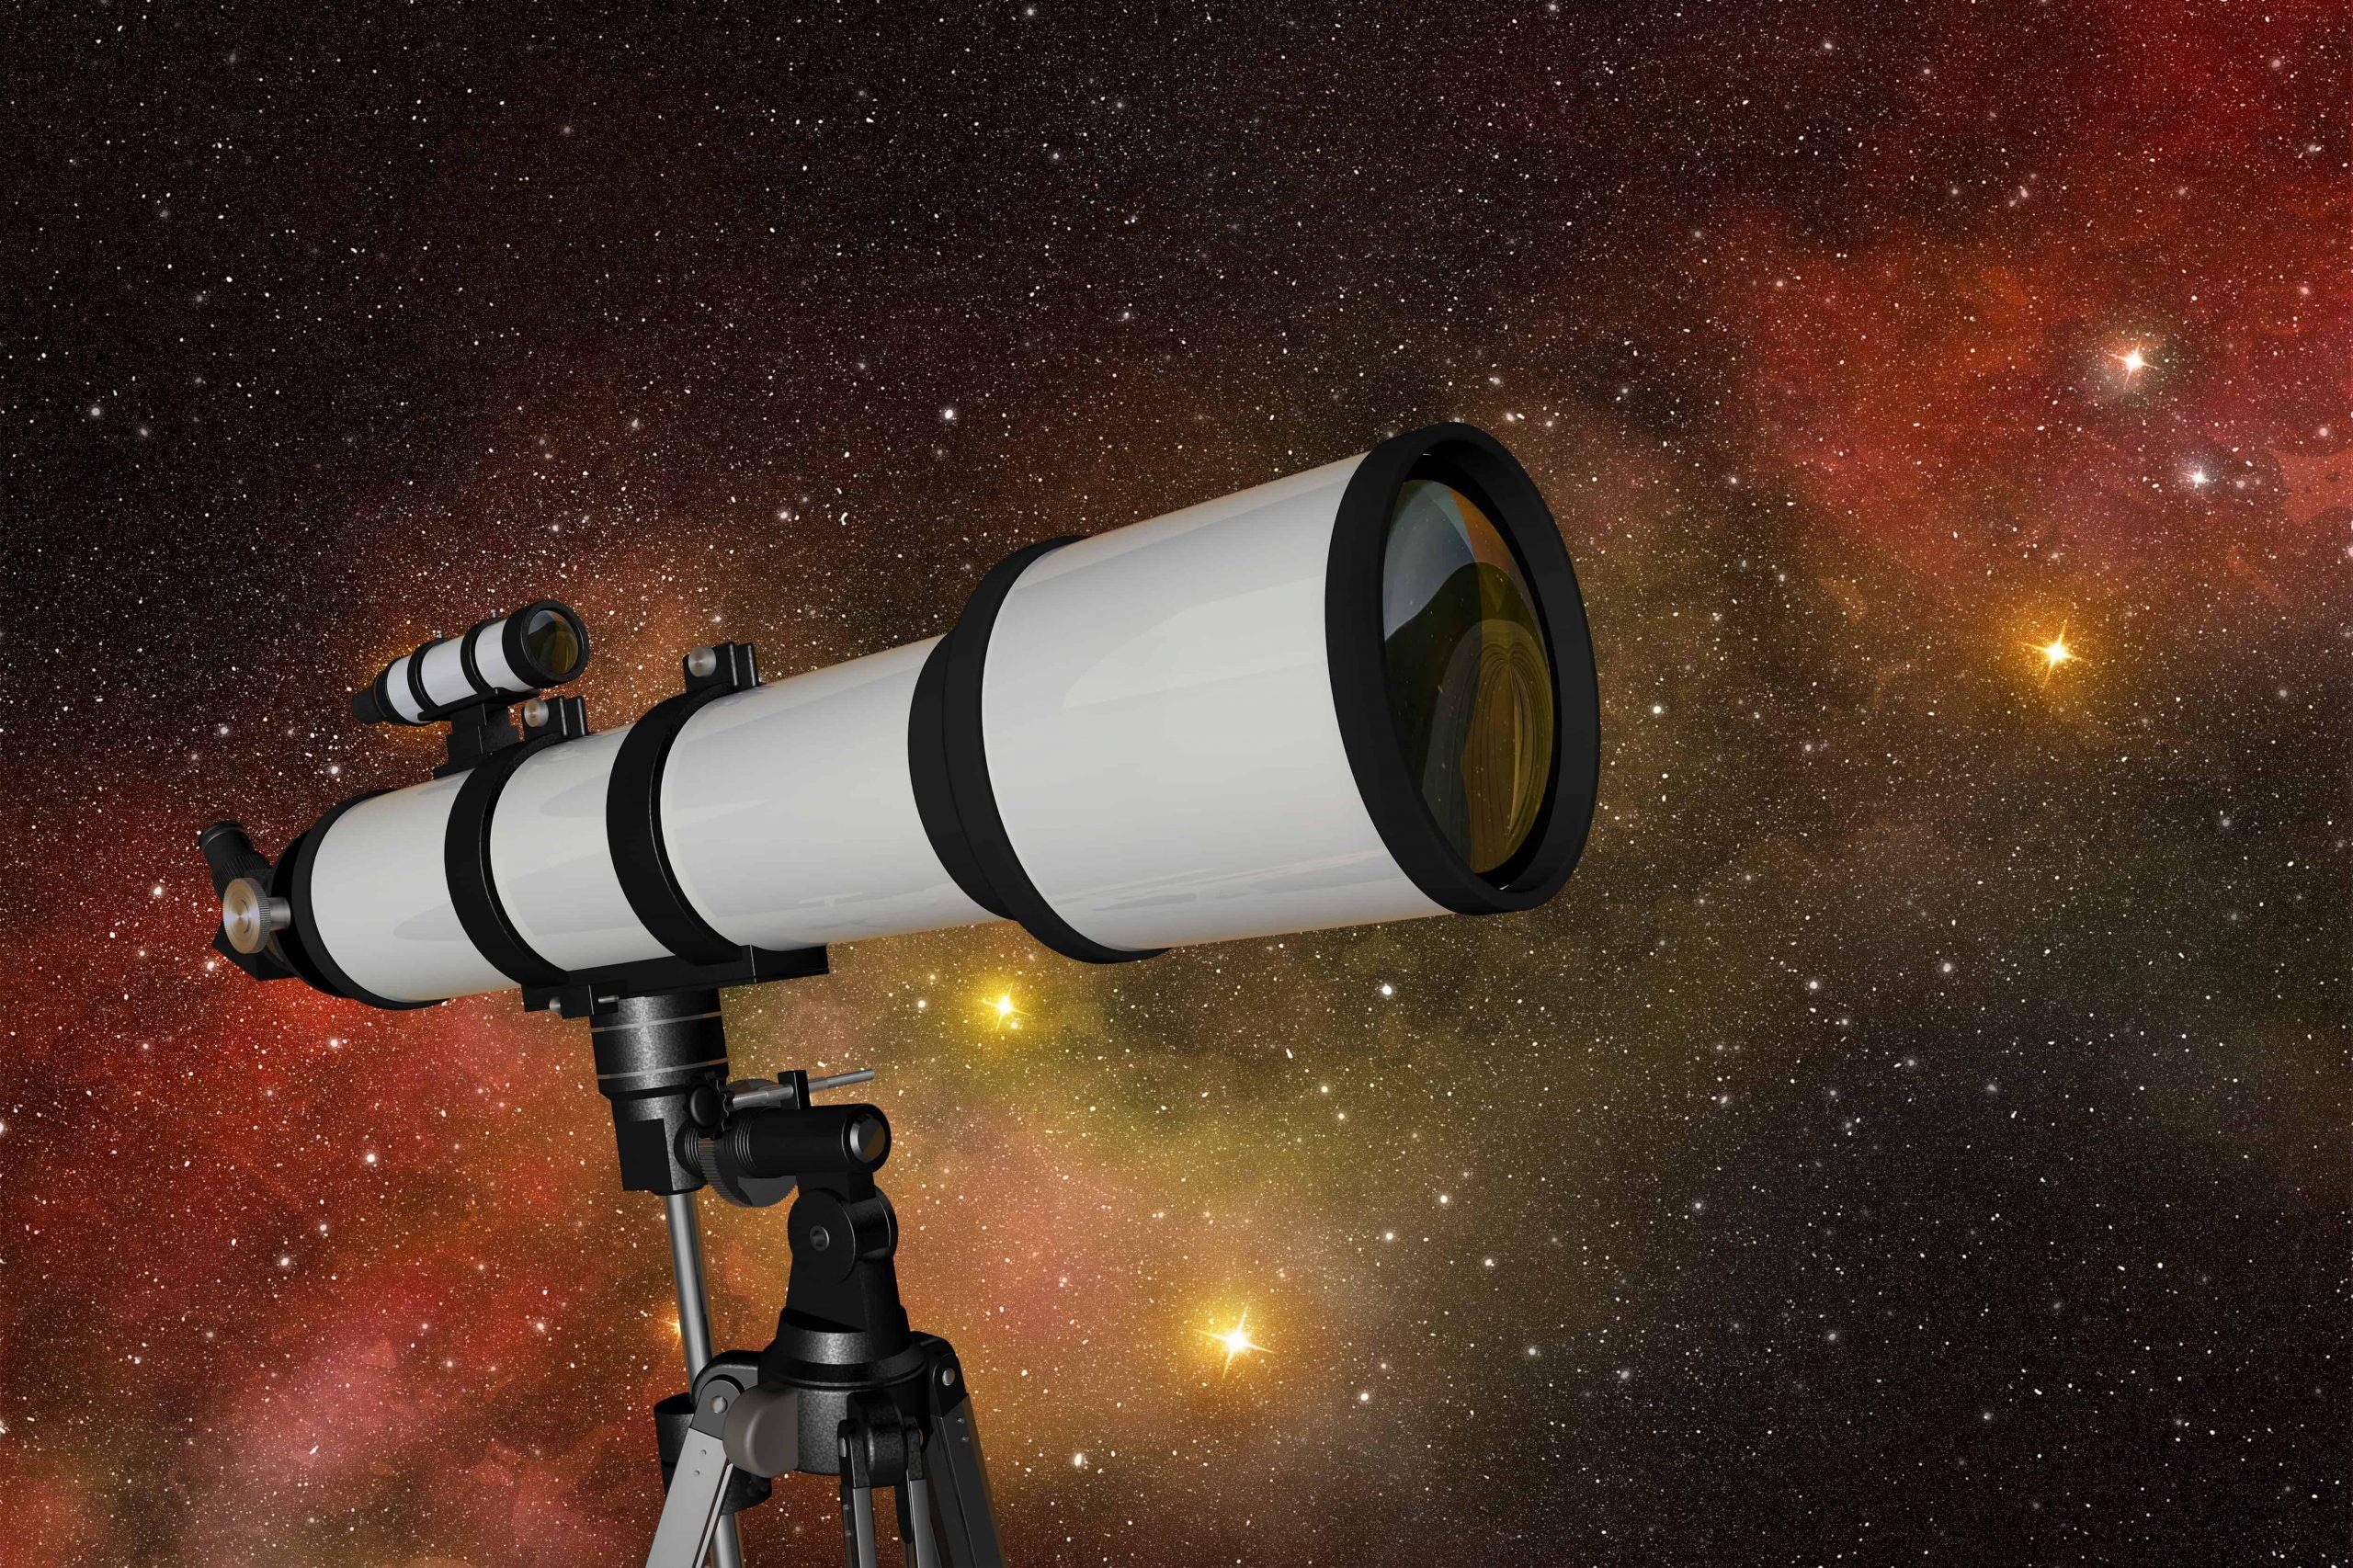 Un telescopio bianco